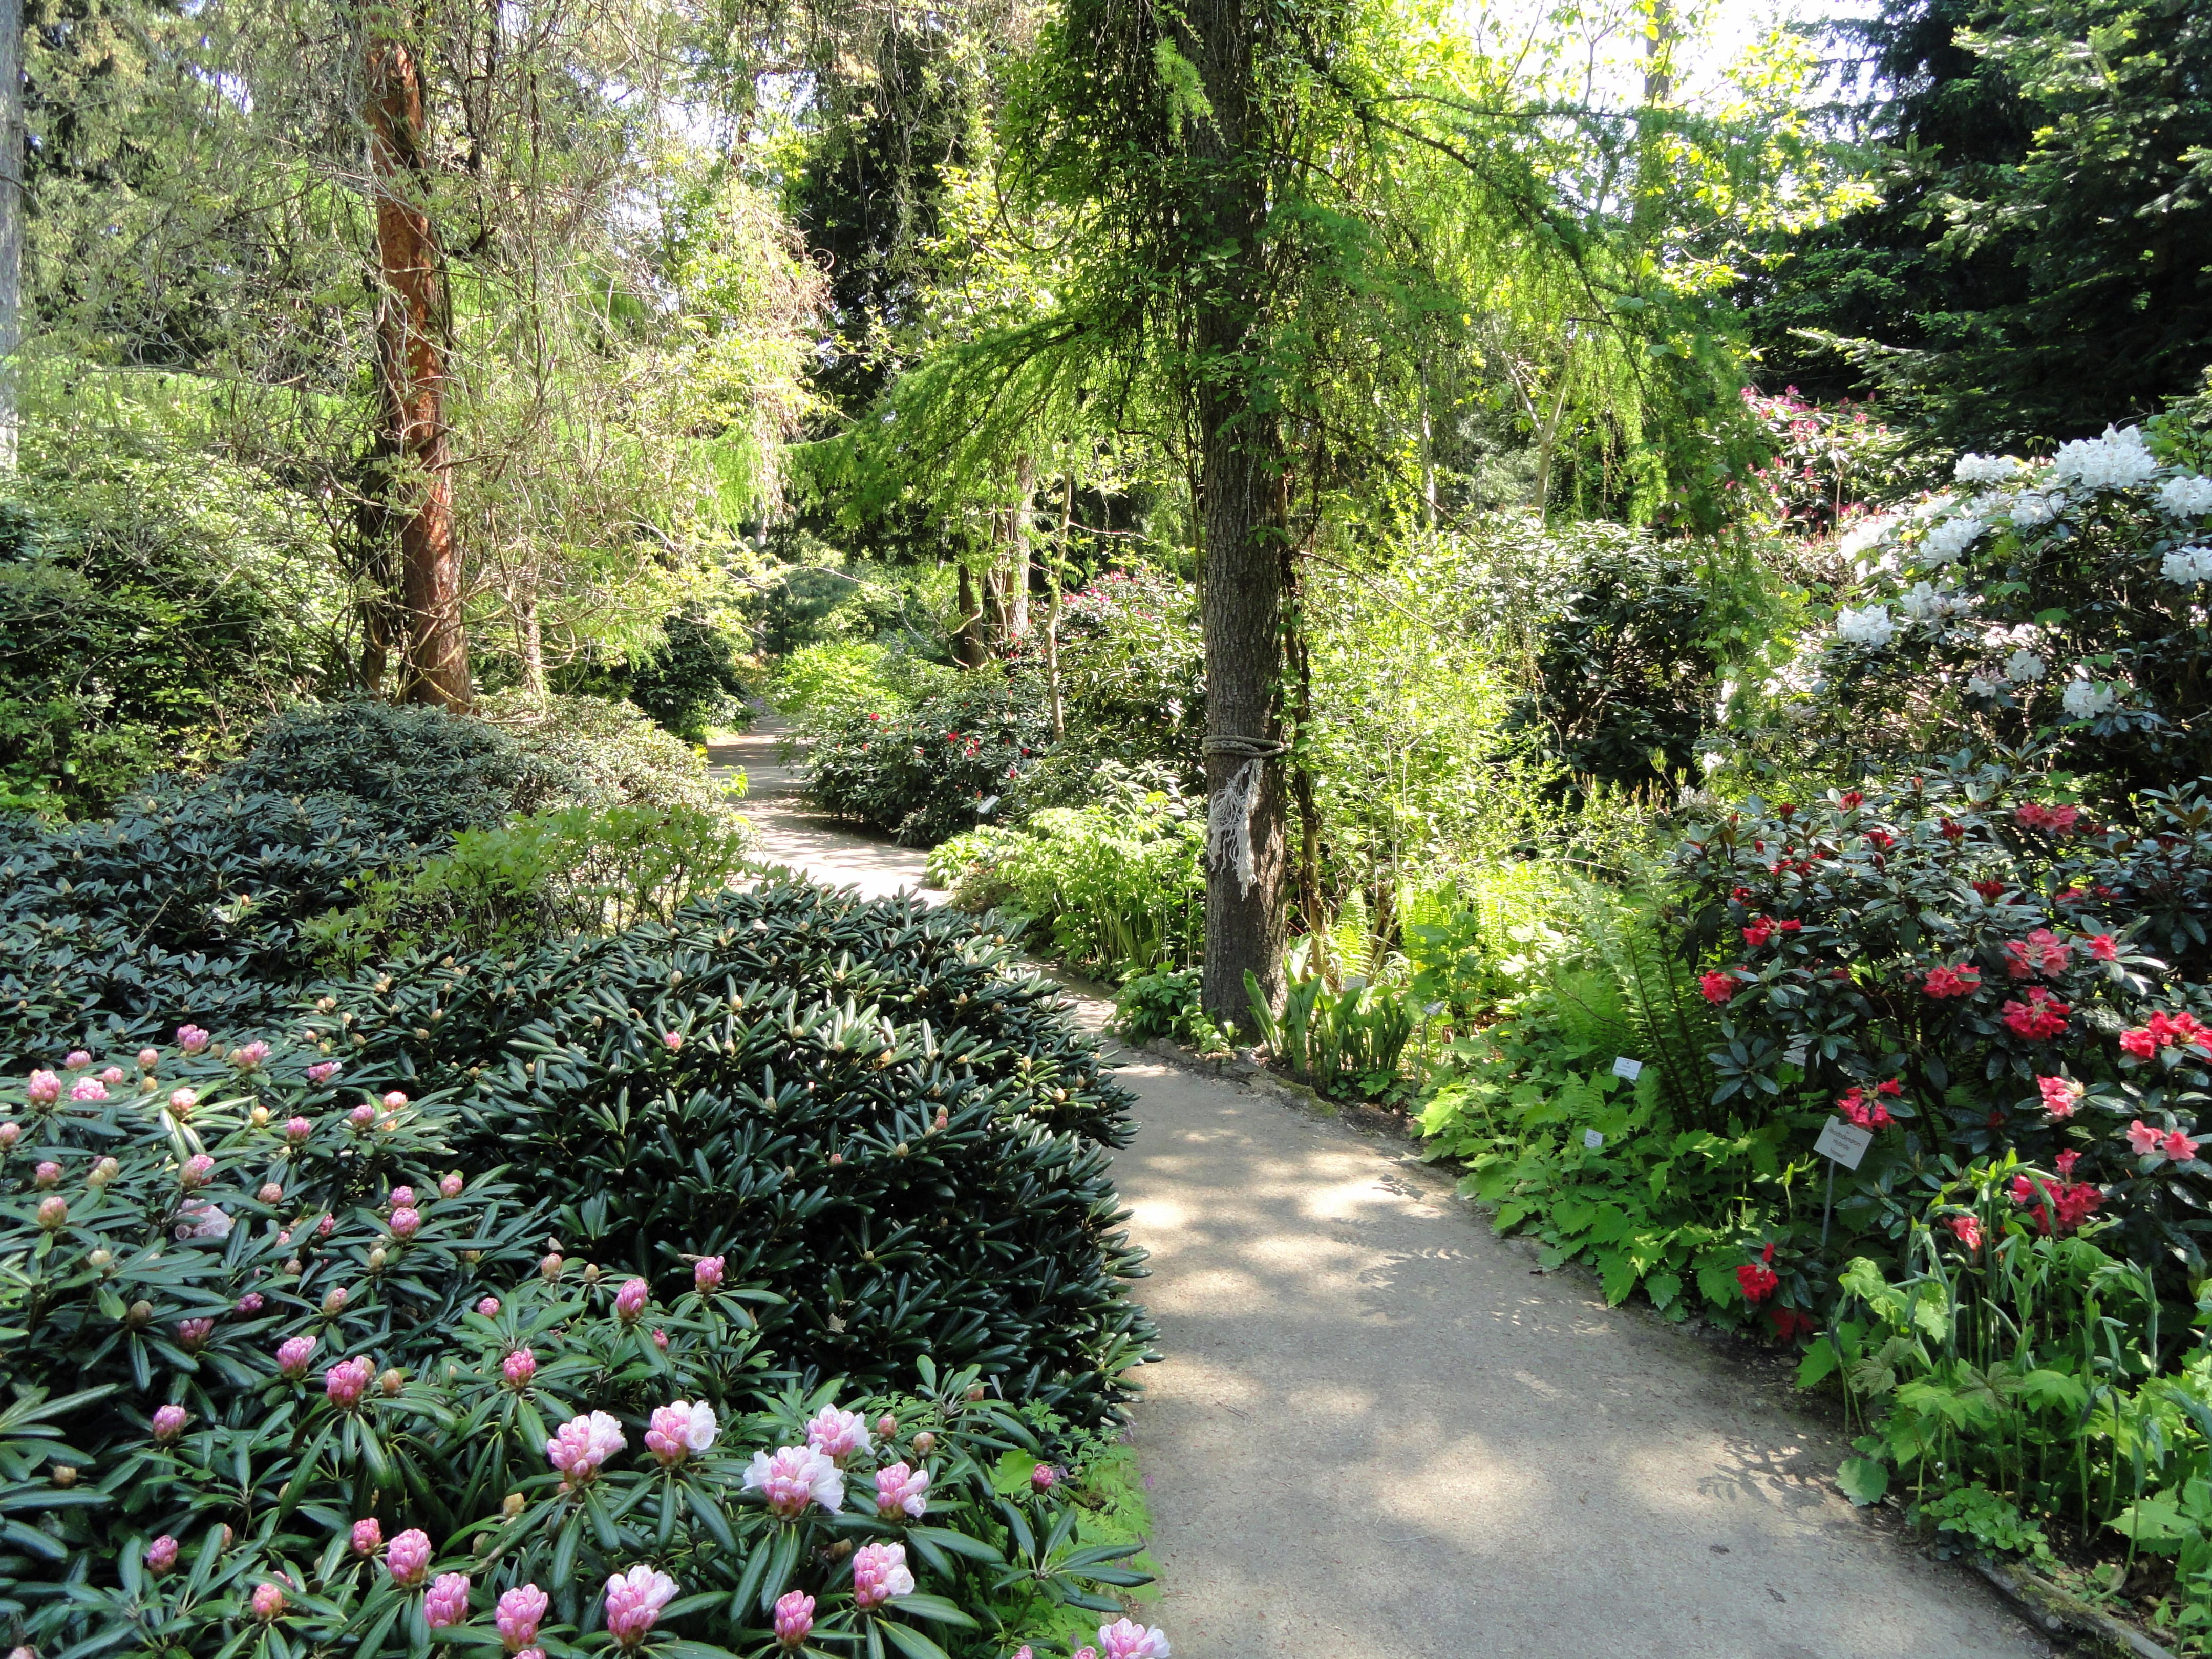 Dateirhododendrons Botanischer Garten München Nymphenburg